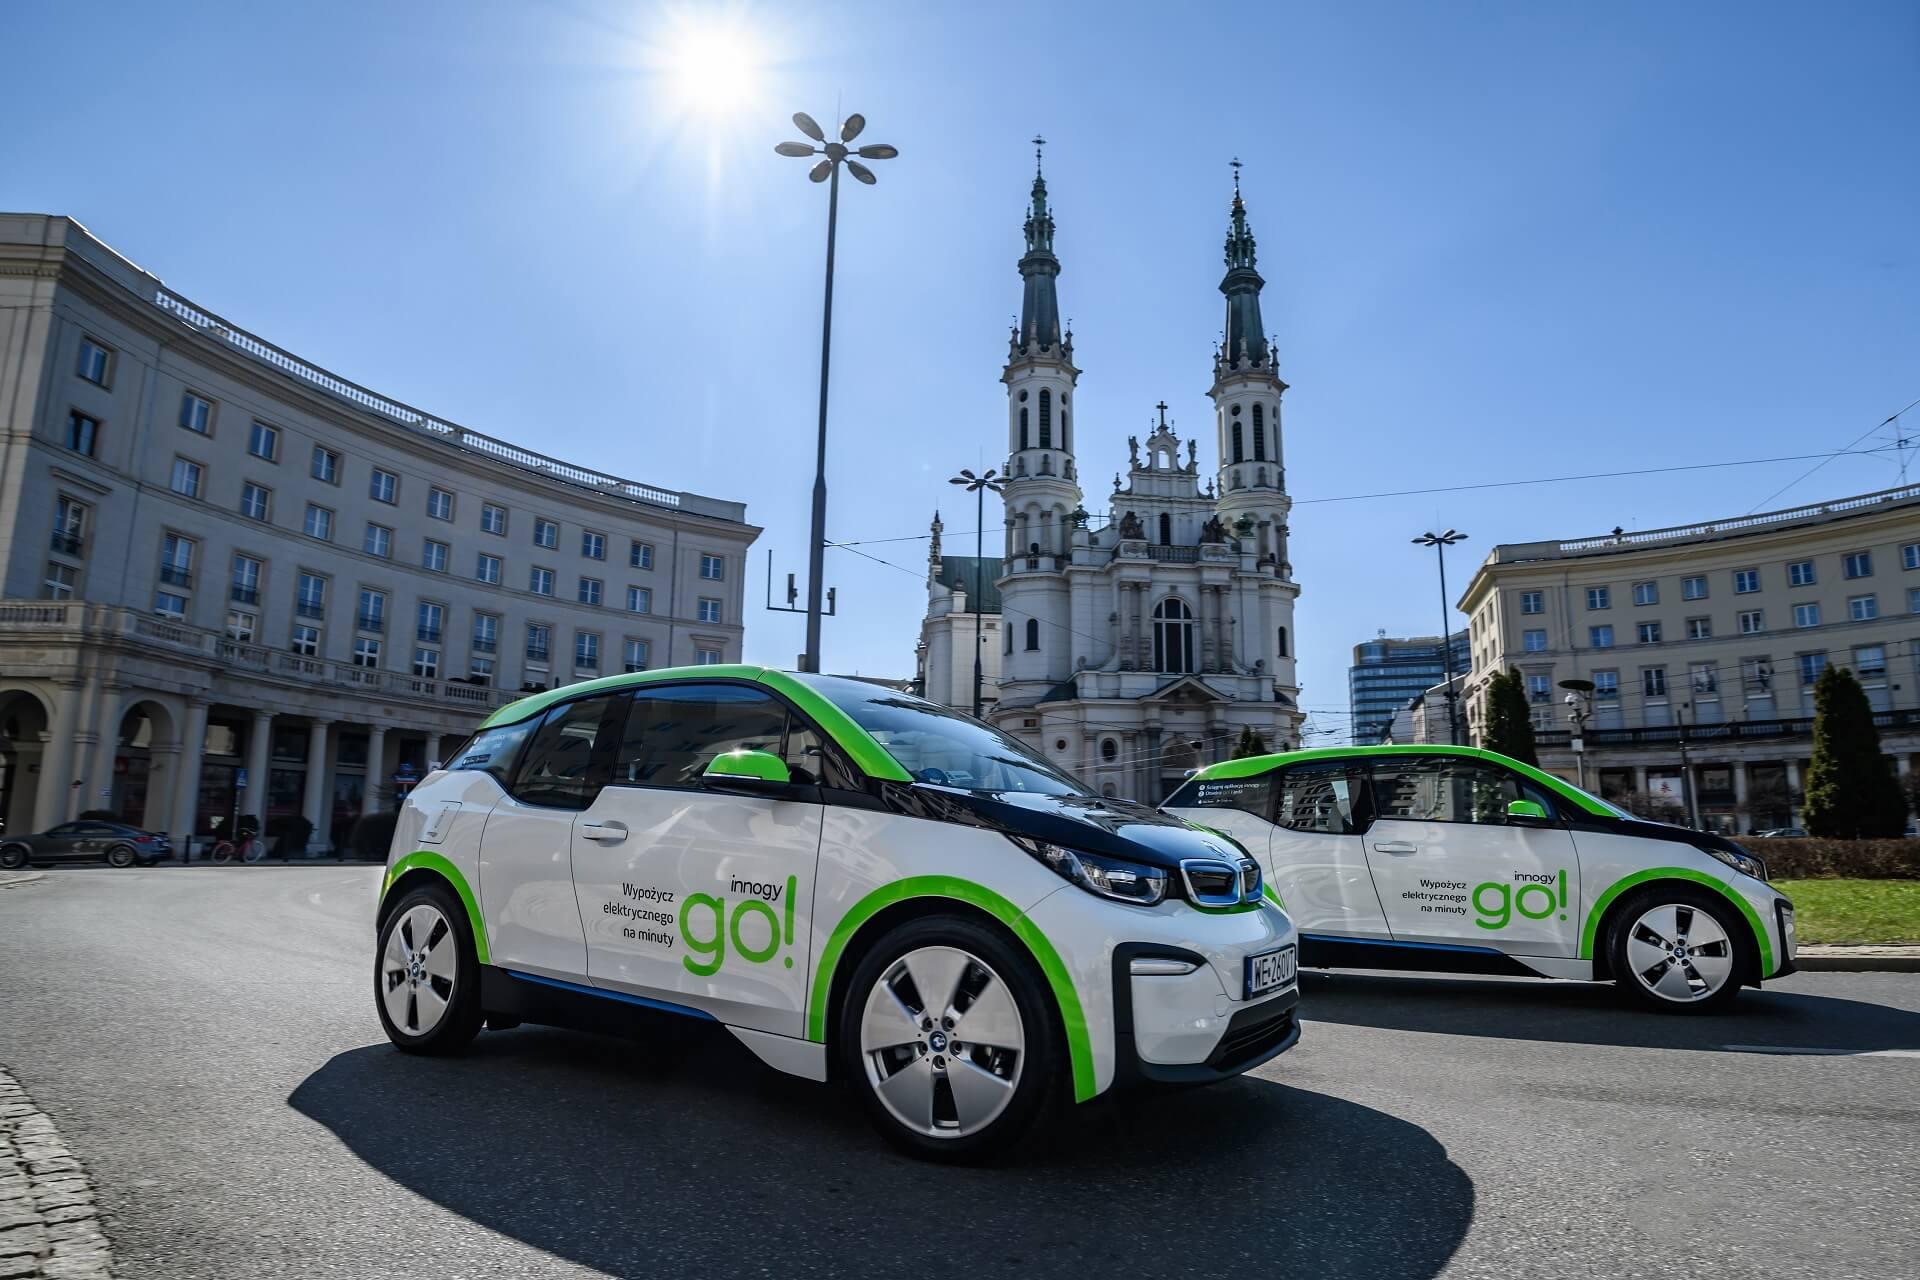 Самый большой в мире парк автомобилей BMW i3 для совместного использования теперь в Варшаве